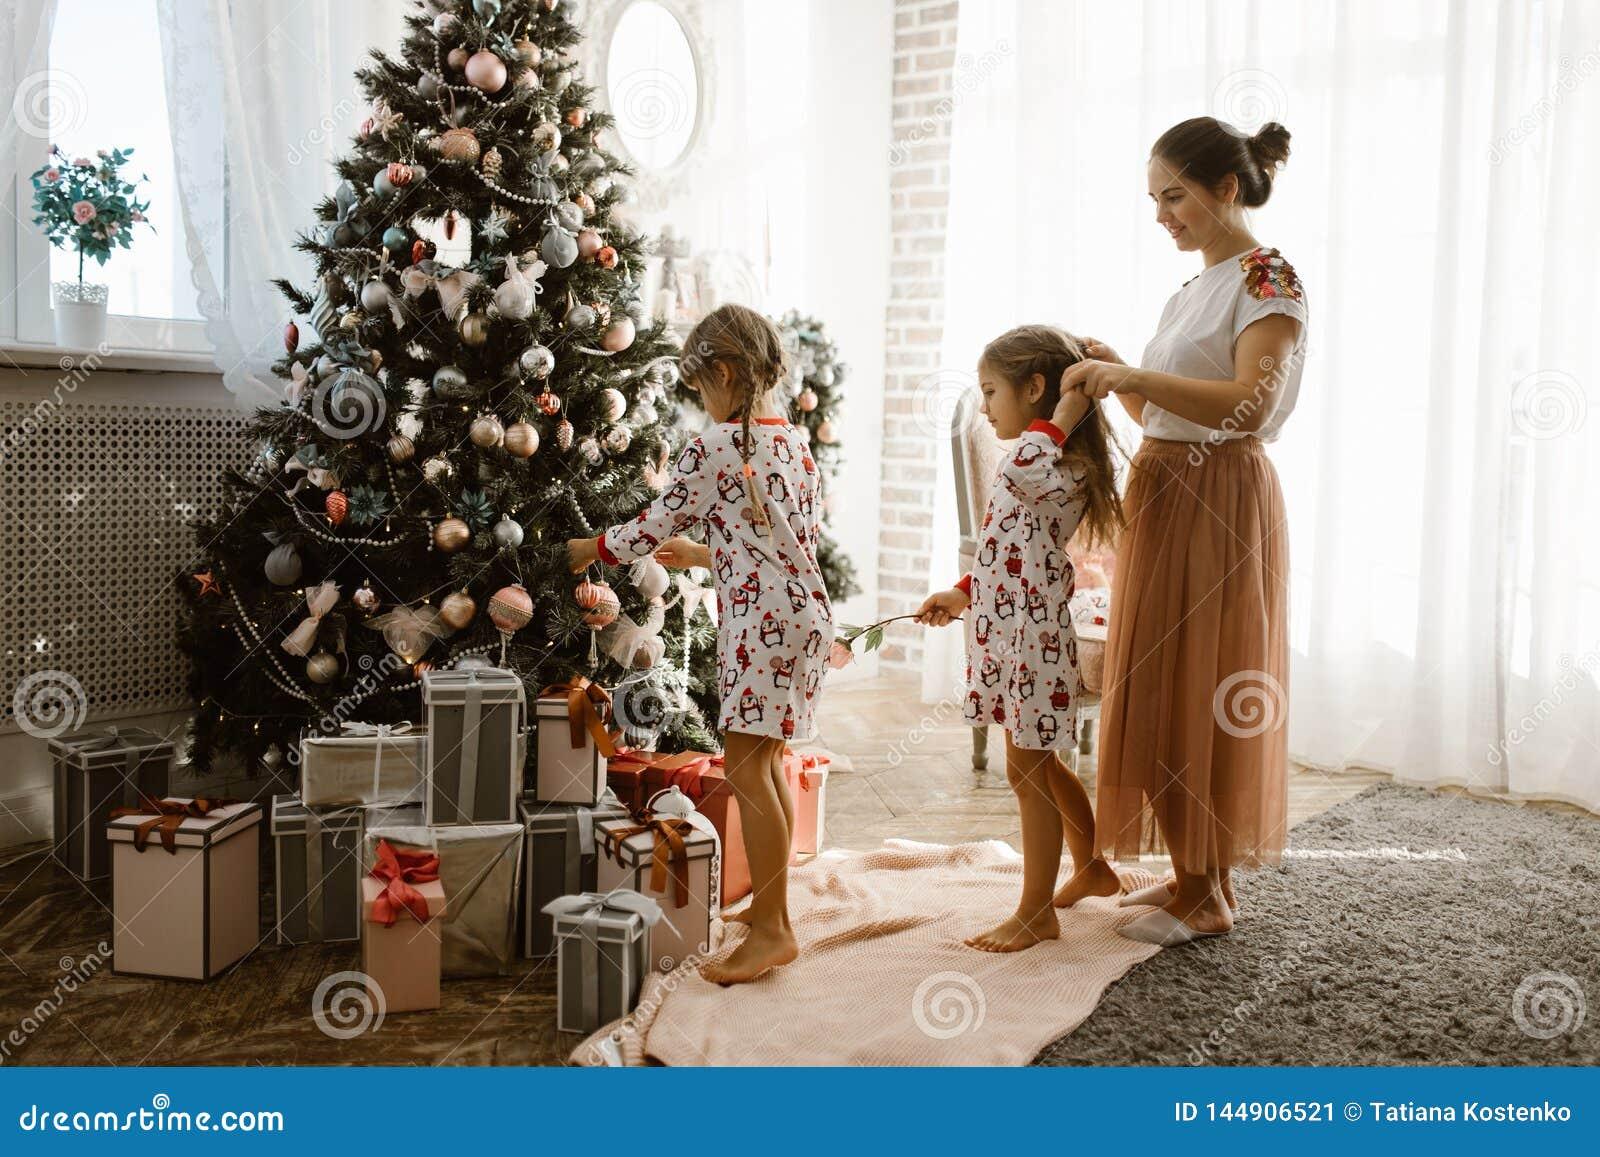 Interessierende Mutter flicht die Borte ihrer kleinen Tochter, während Sekundentochter einen Baum des neuen Jahres im gemütlich